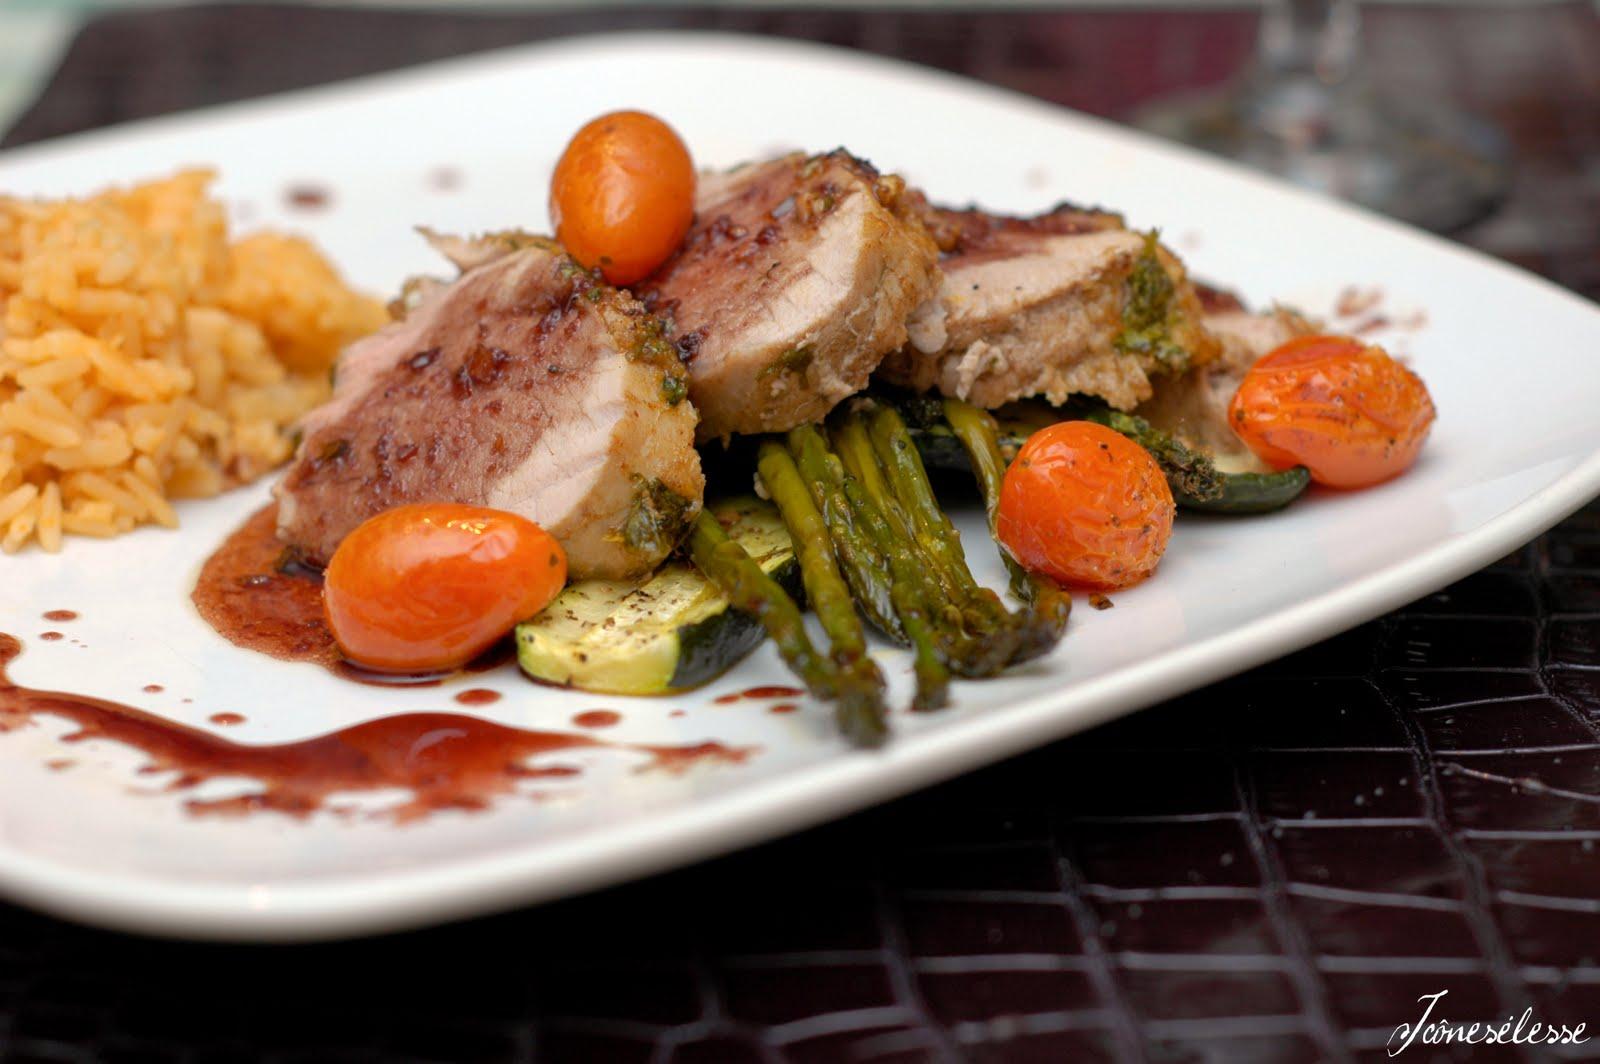 recette filet de porc vin rouge un site culinaire populaire avec des recettes utiles. Black Bedroom Furniture Sets. Home Design Ideas